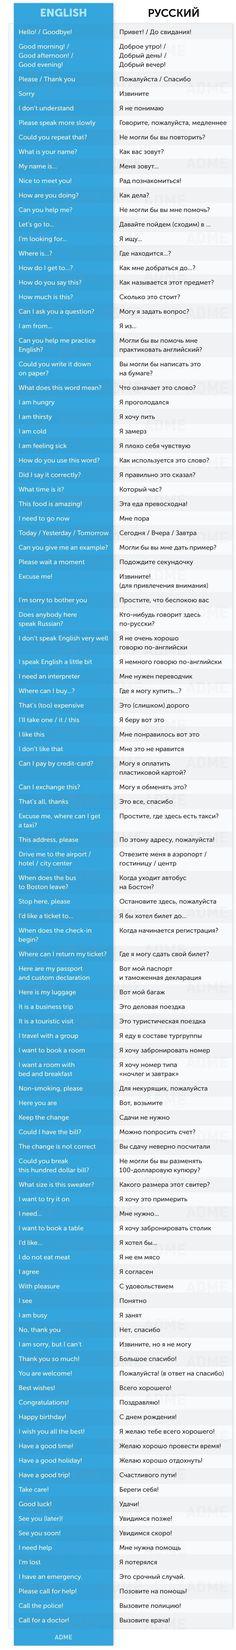 Для того чтобы общаться слюдьми издругой страны, ненужно идеально знать английский, нонекоторые фразы обязательно надо взять навооружение. Вэтой статье AdMe.ru собрал простые выражения, которые помогут вам влюбой ситуации.